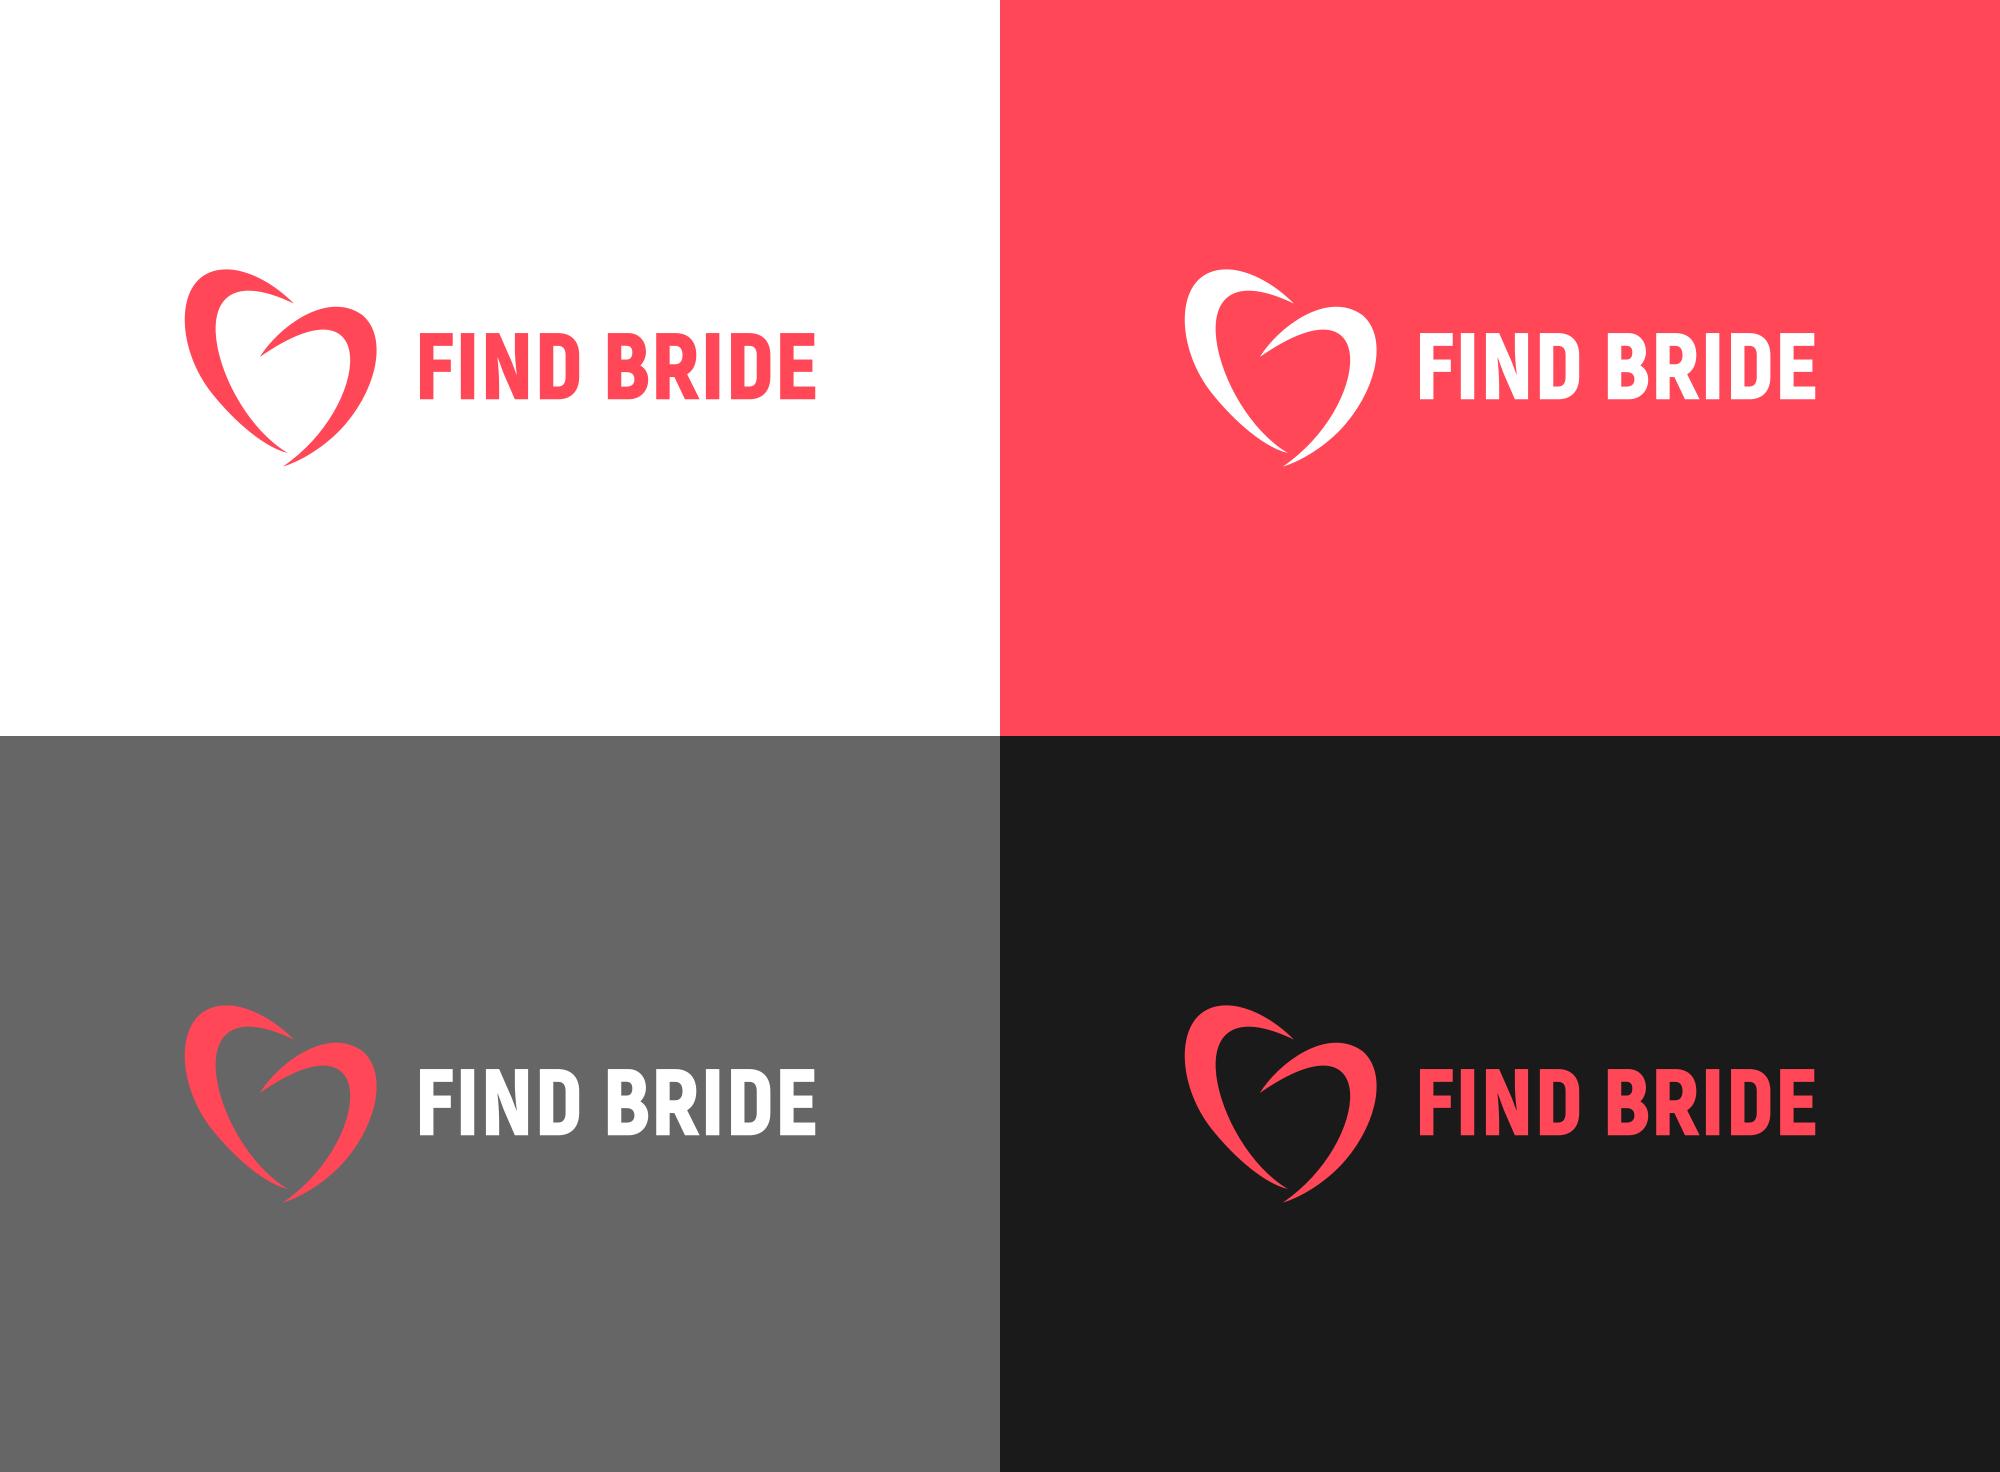 Нарисовать логотип сайта знакомств фото f_5895acdb8005d747.png